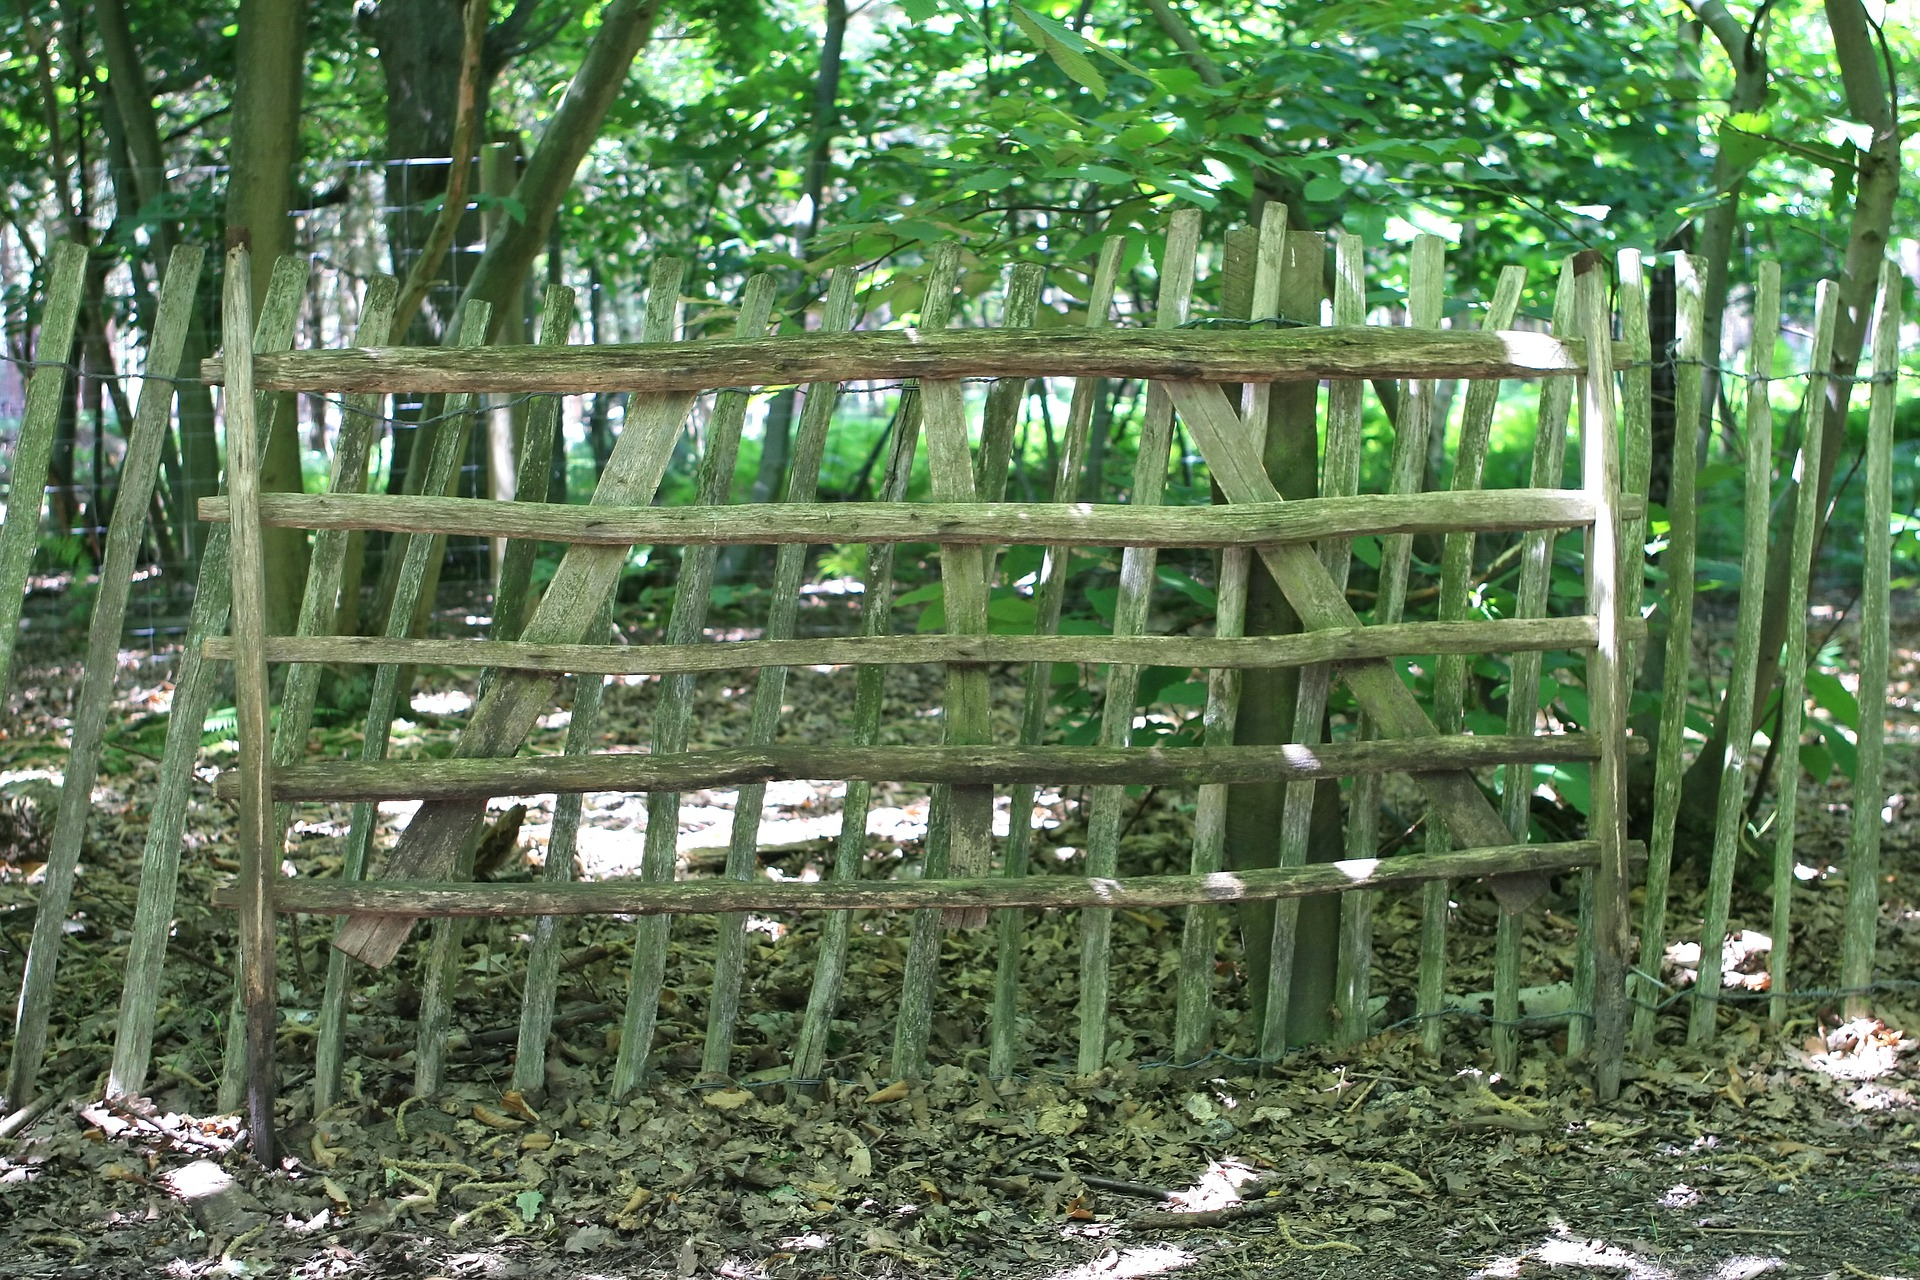 Boundary, Fence, Safe, Wild, Wood, HQ Photo